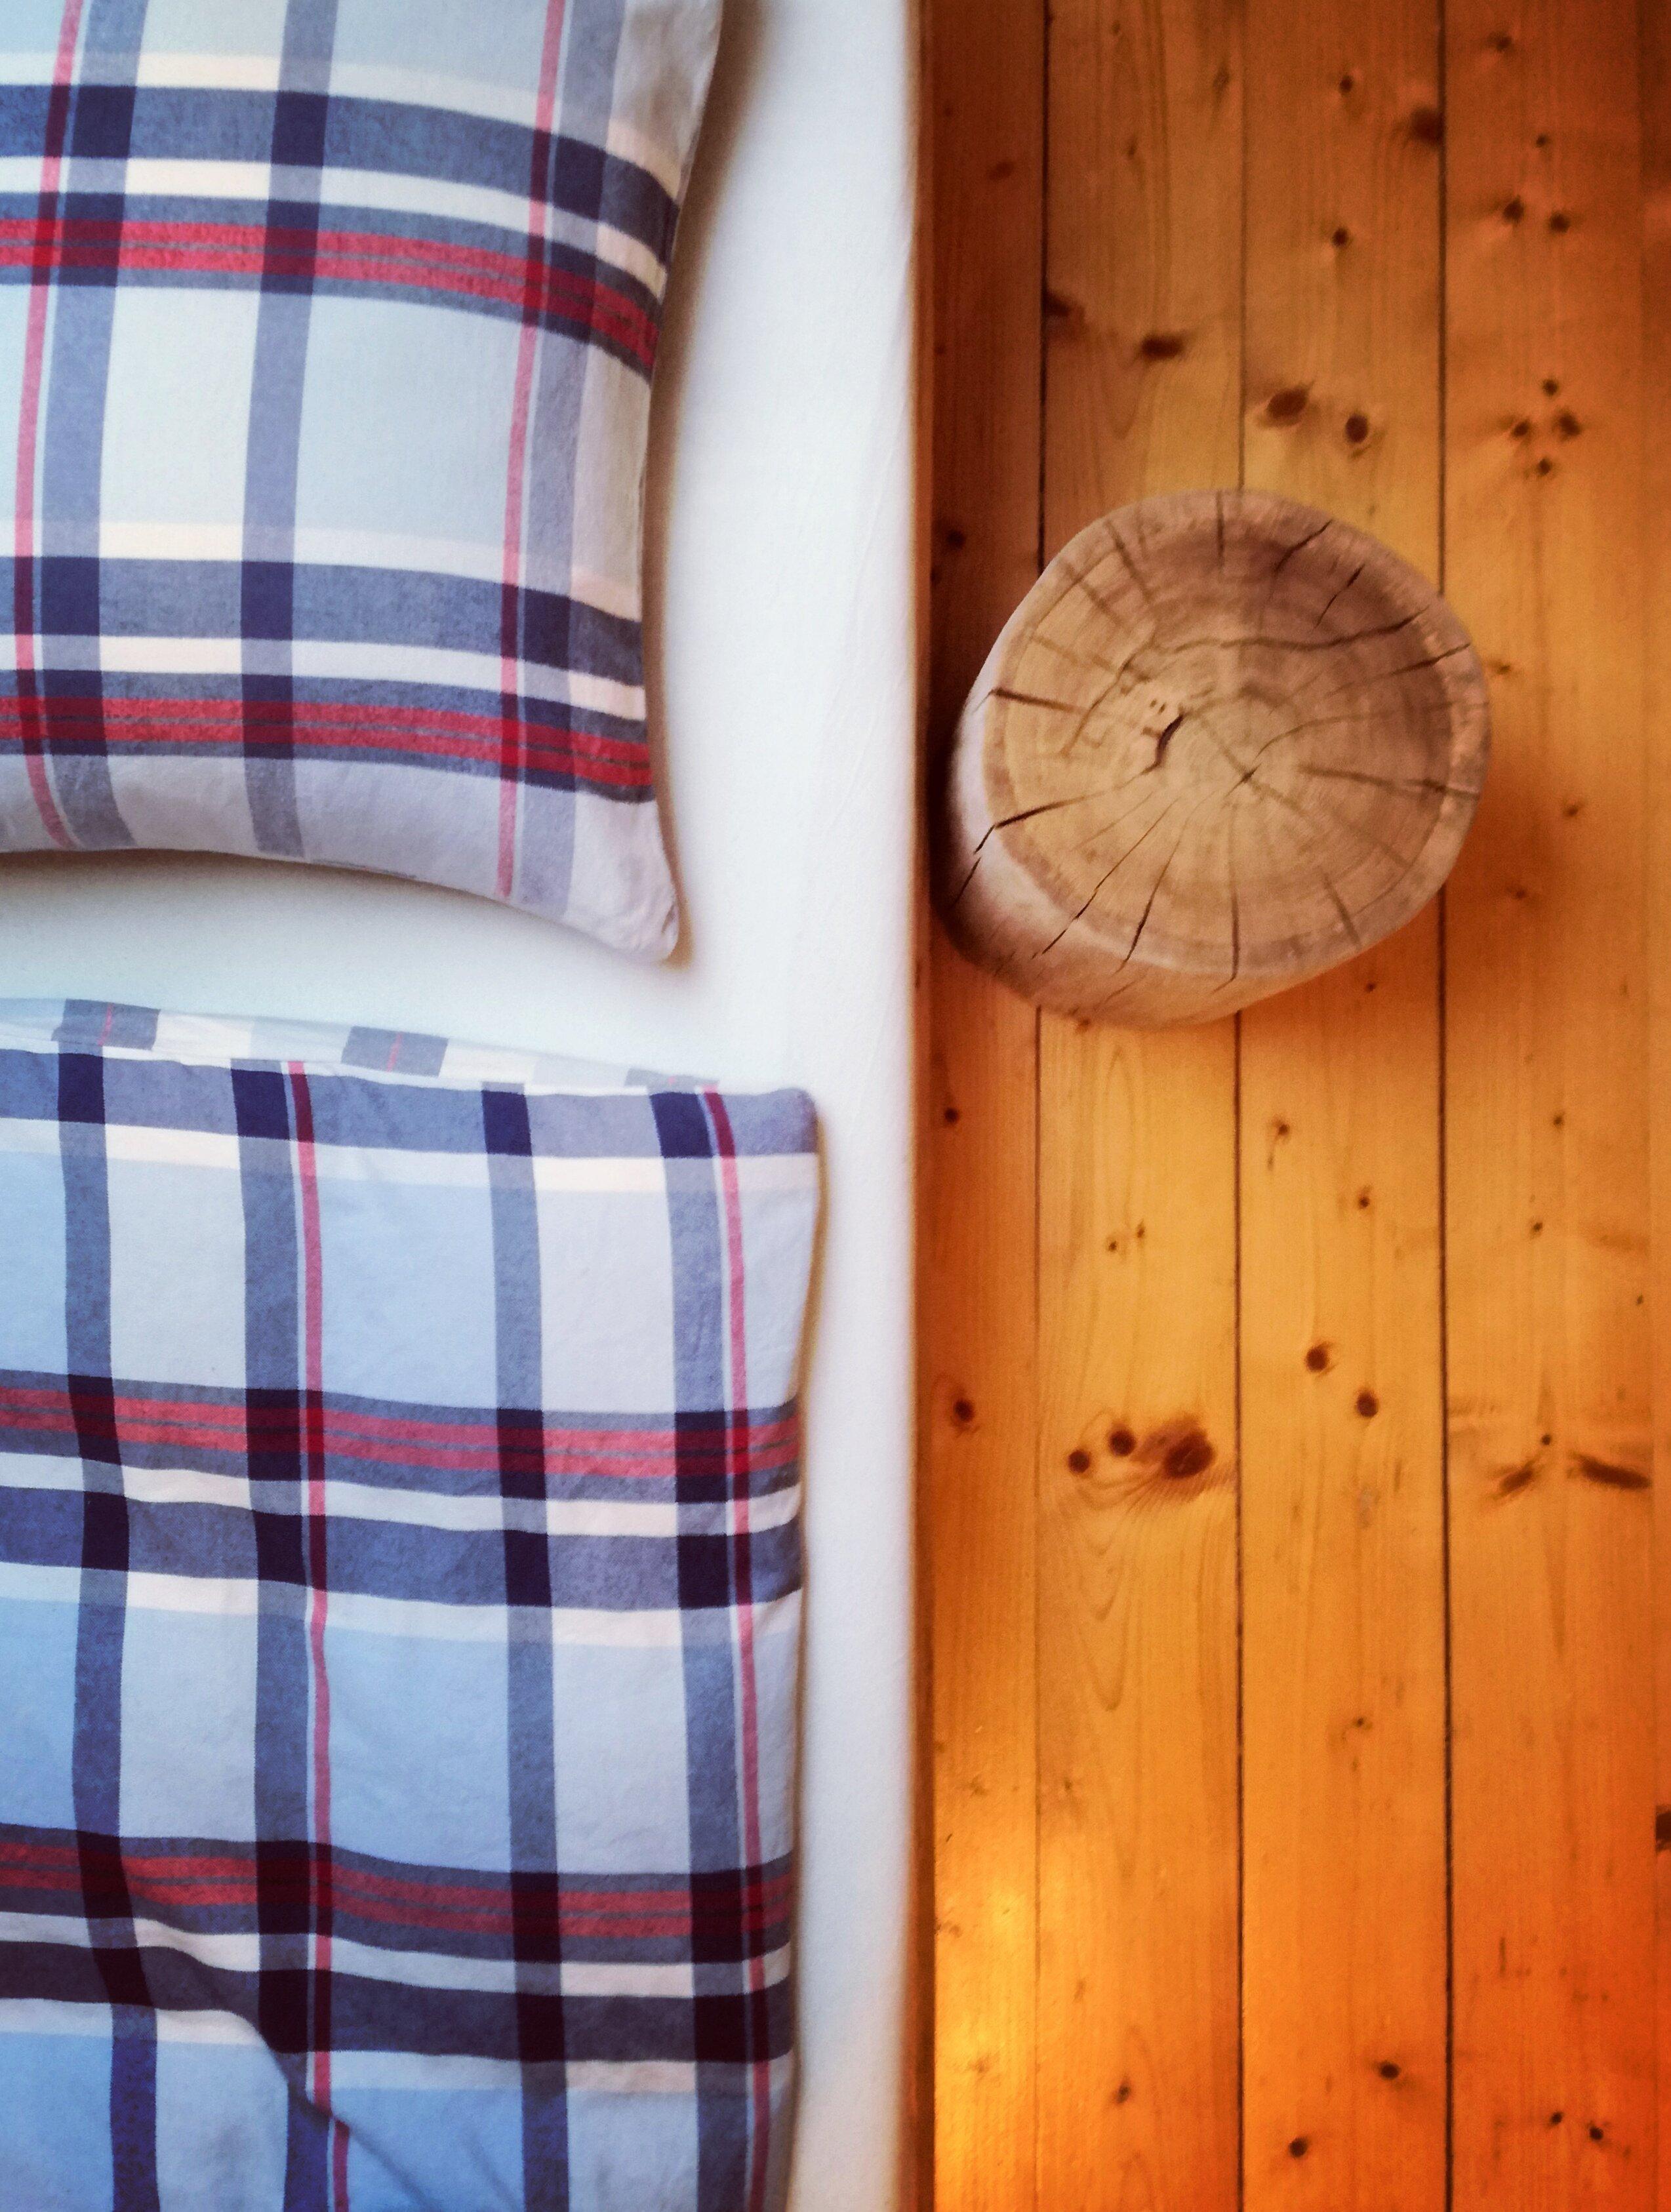 Špalekdomu... když dřevo potká interiér